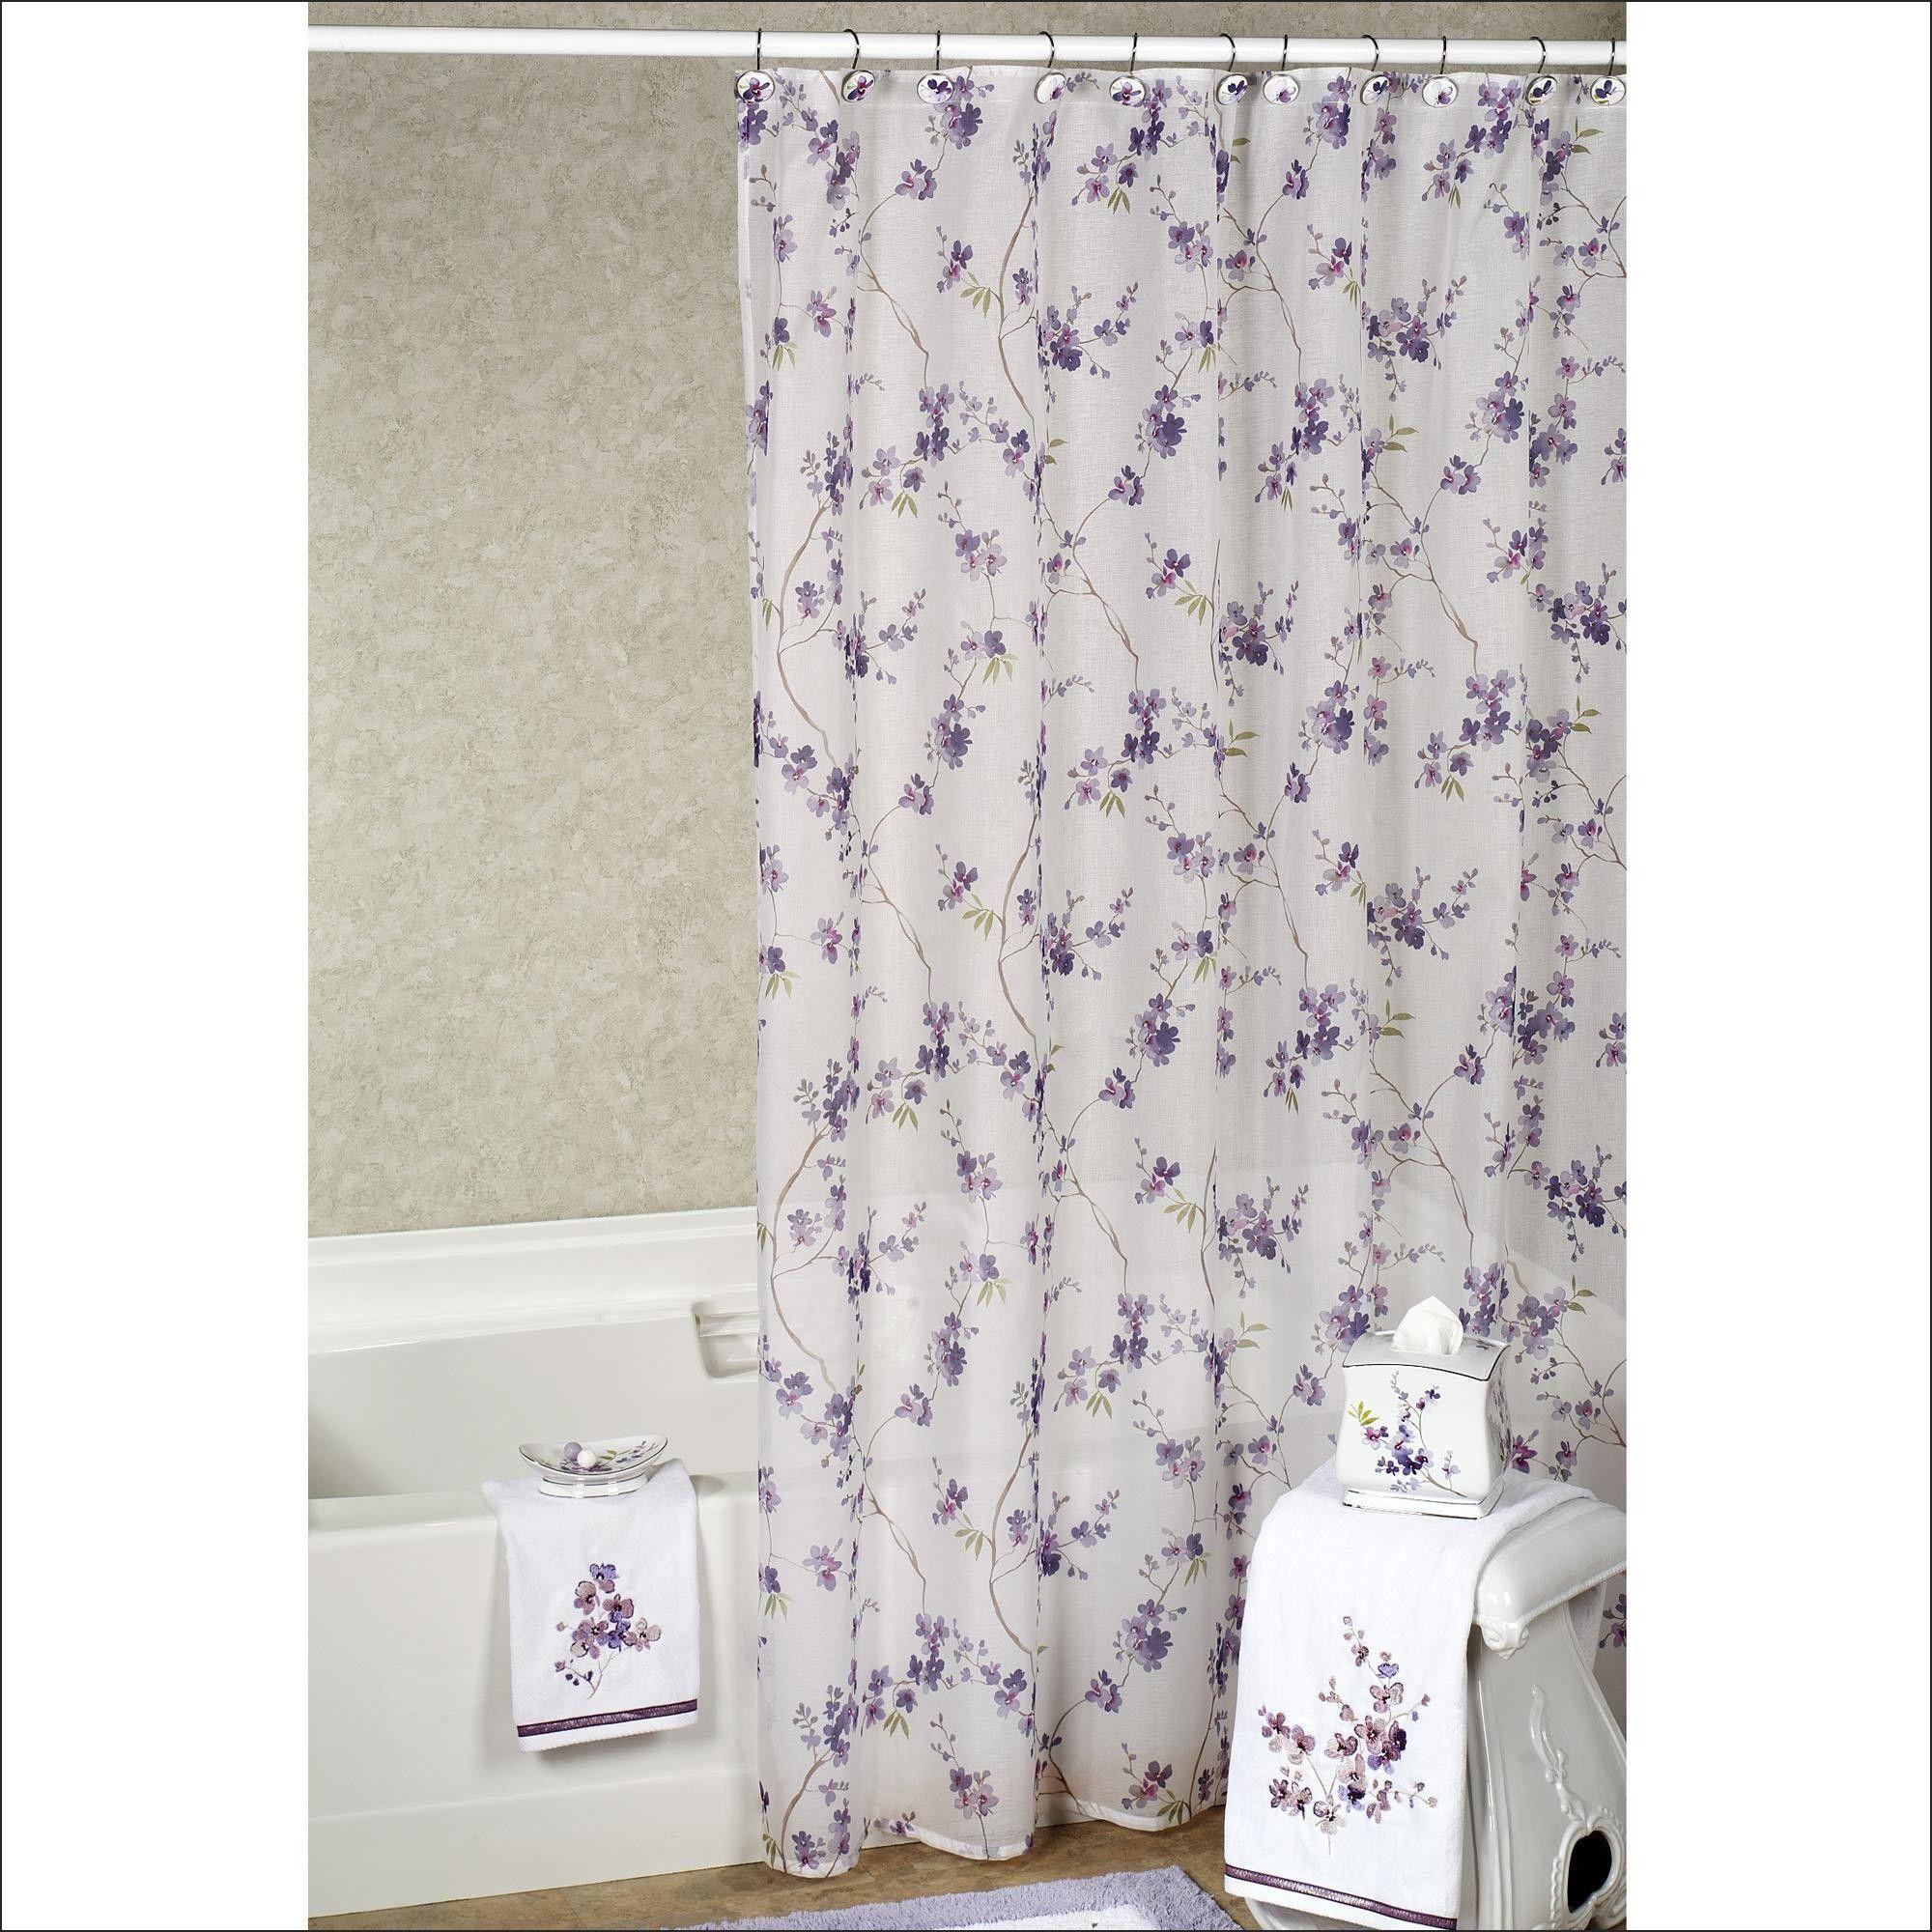 Best Furniture Ideas Ever Lavender Shower Curtain Purple Shower Curtain Chevron Shower Curtain